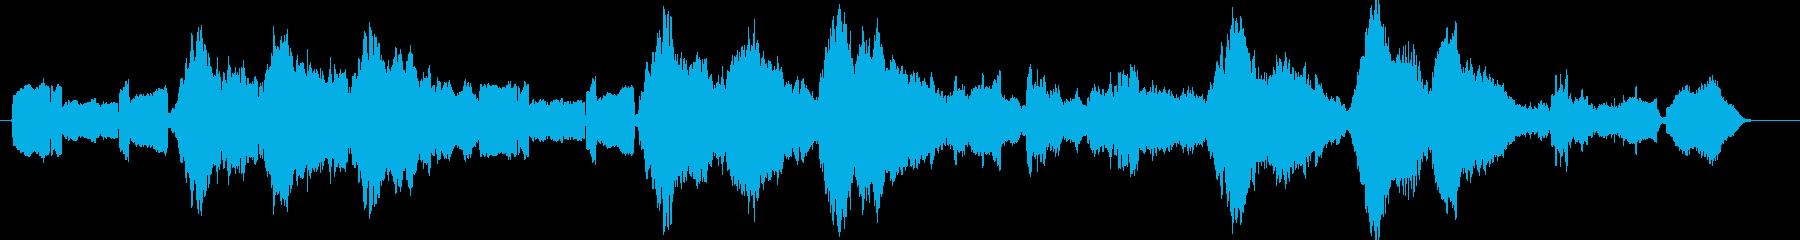 ゆったりのどかで懐かしいBGMの再生済みの波形